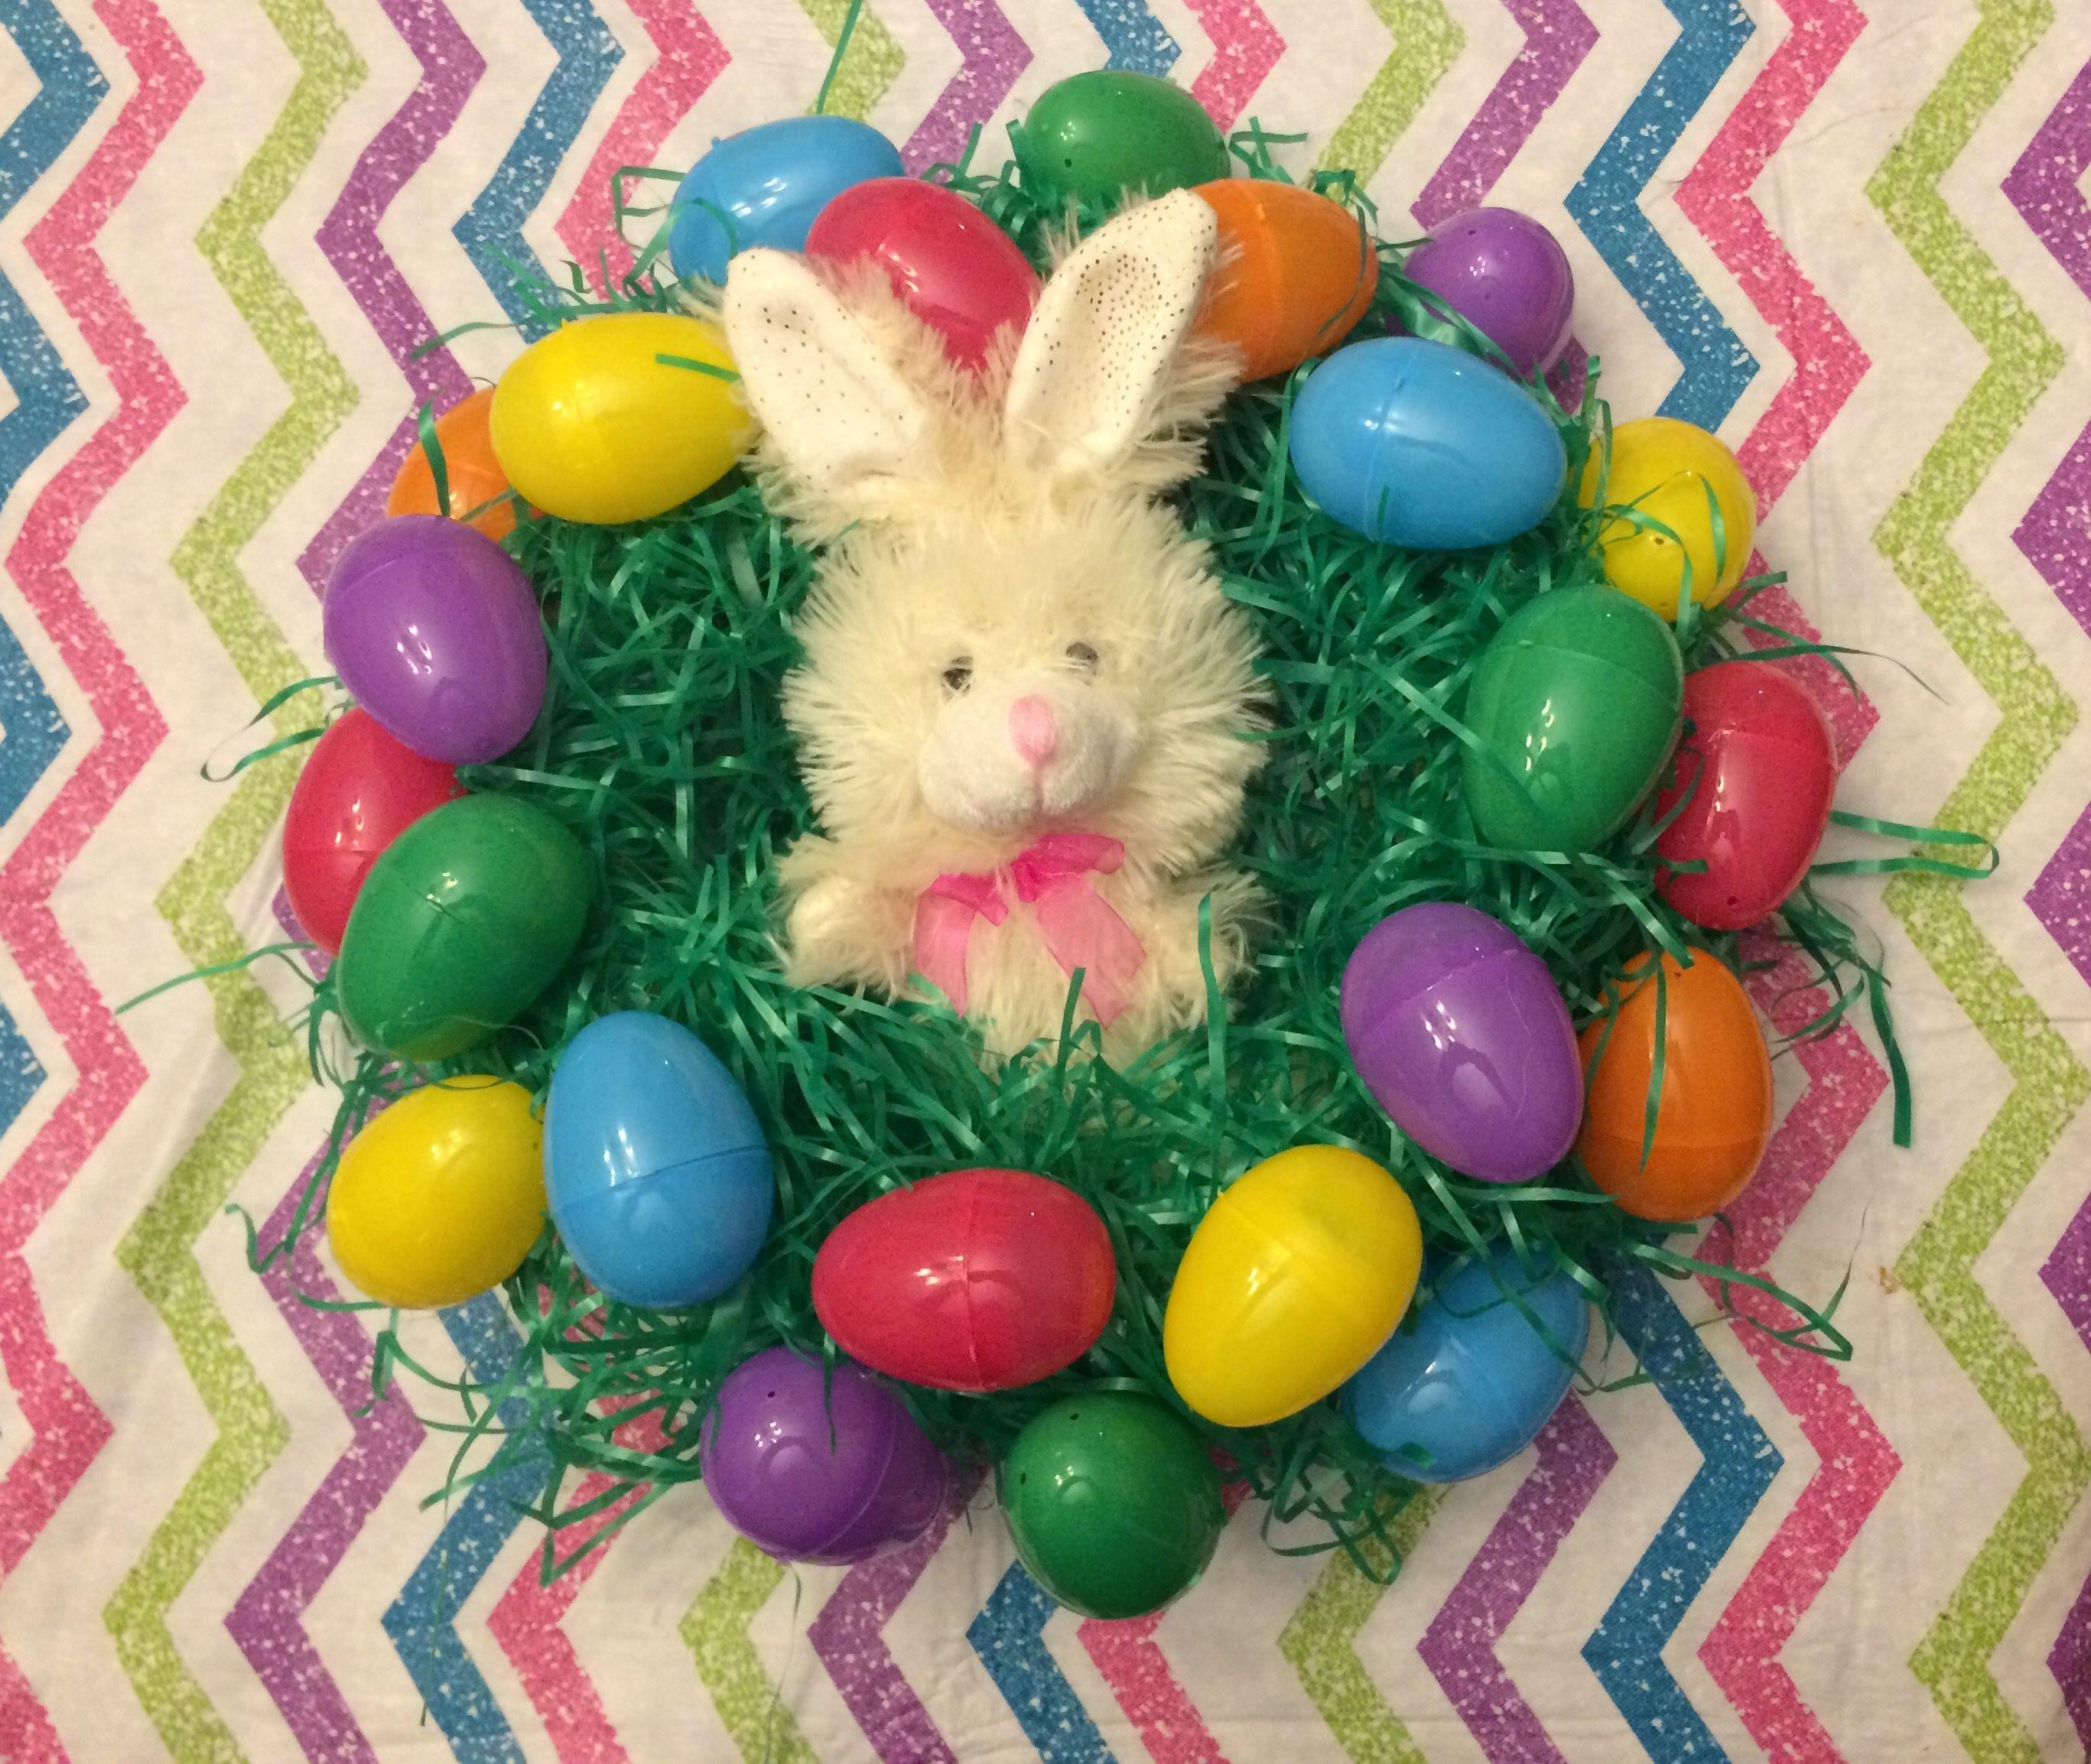 5 Easter Wreath Dollar Tree For 1 Styrofoam Ring Bag Of Grass Filler